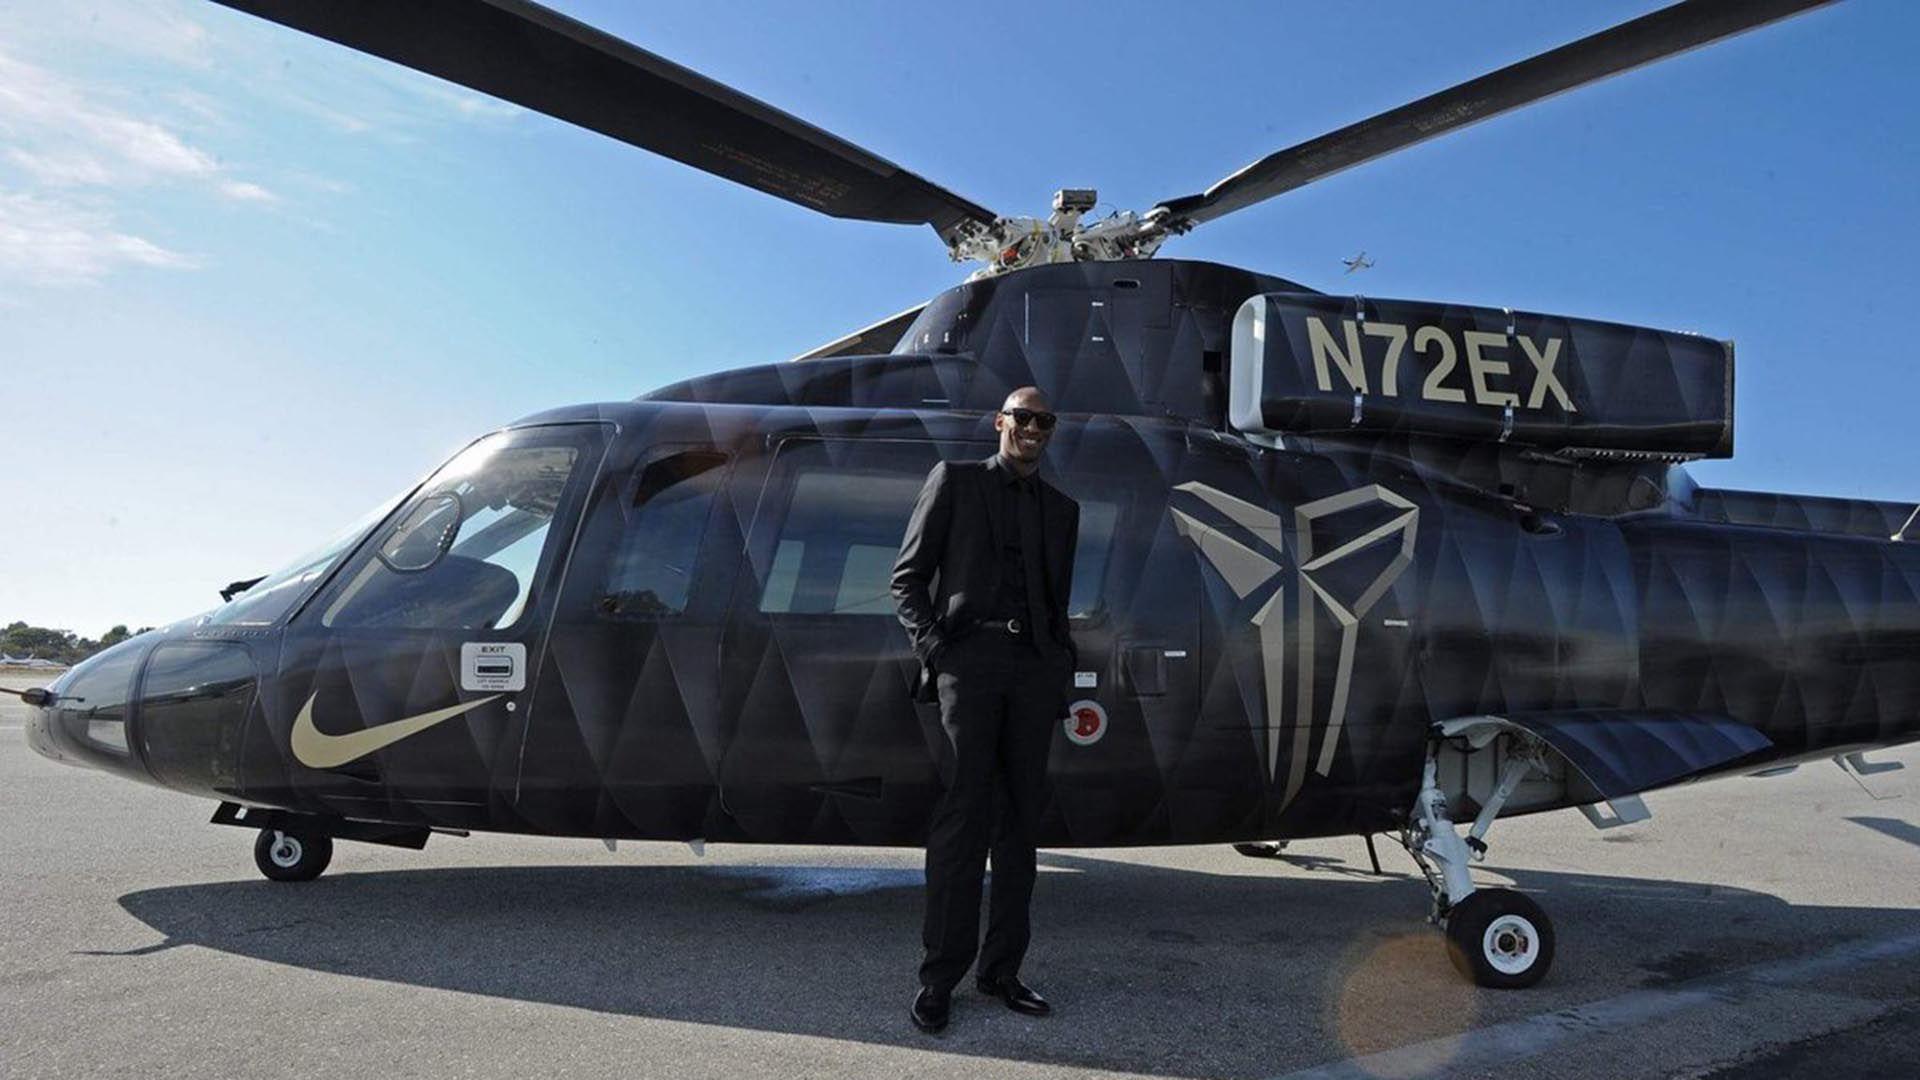 """Según TMX, la viuda va a va a """"golpear a la compañía de helicópteros con una demanda por volar imprudentemente"""","""